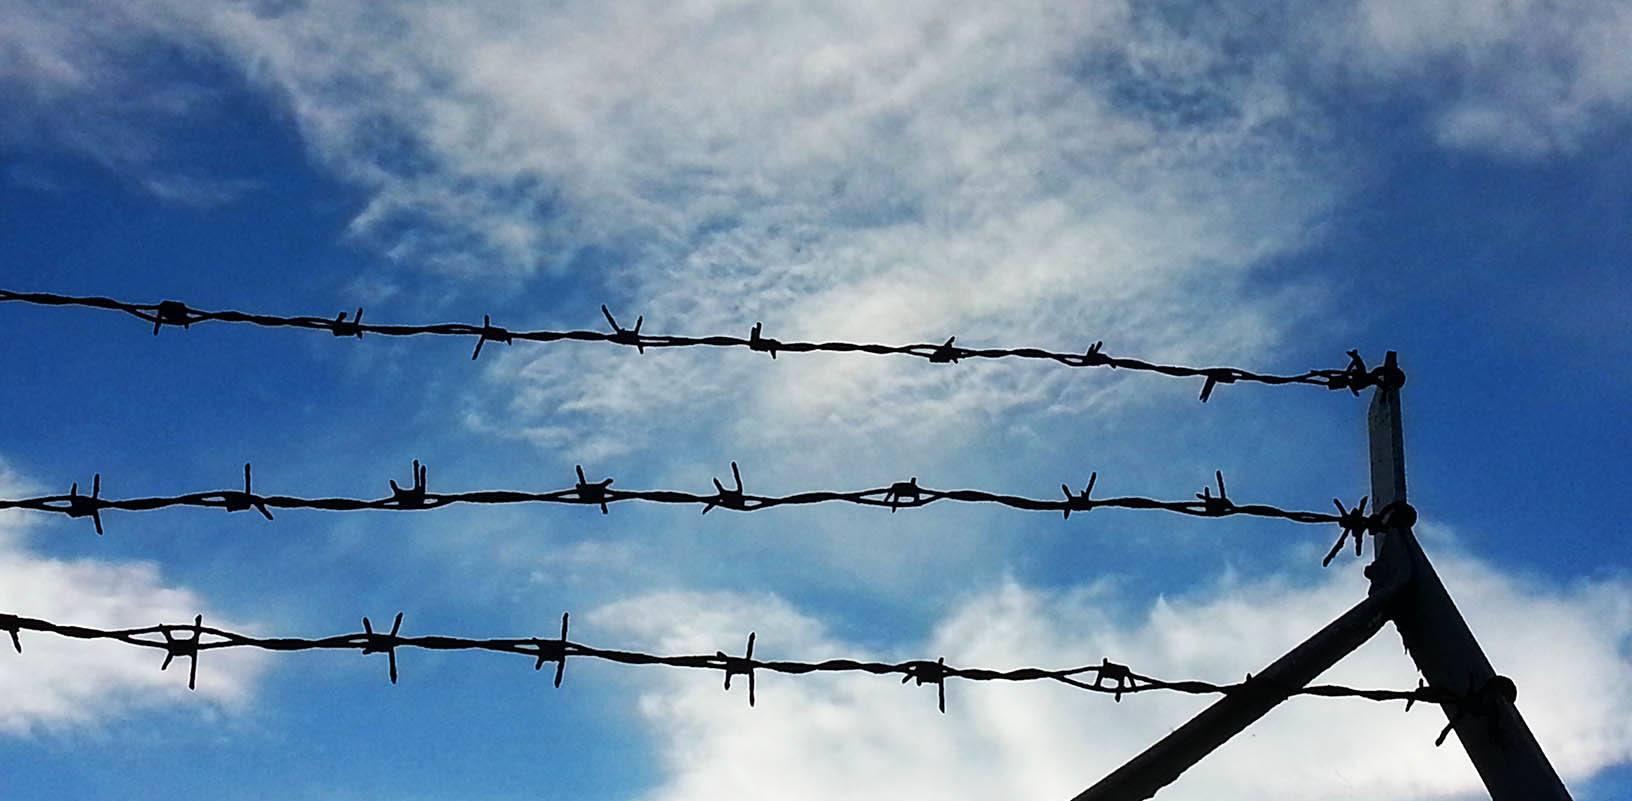 pigtråd, barbed wire, amnesty international, June Beltoft singer-songwriter and musician